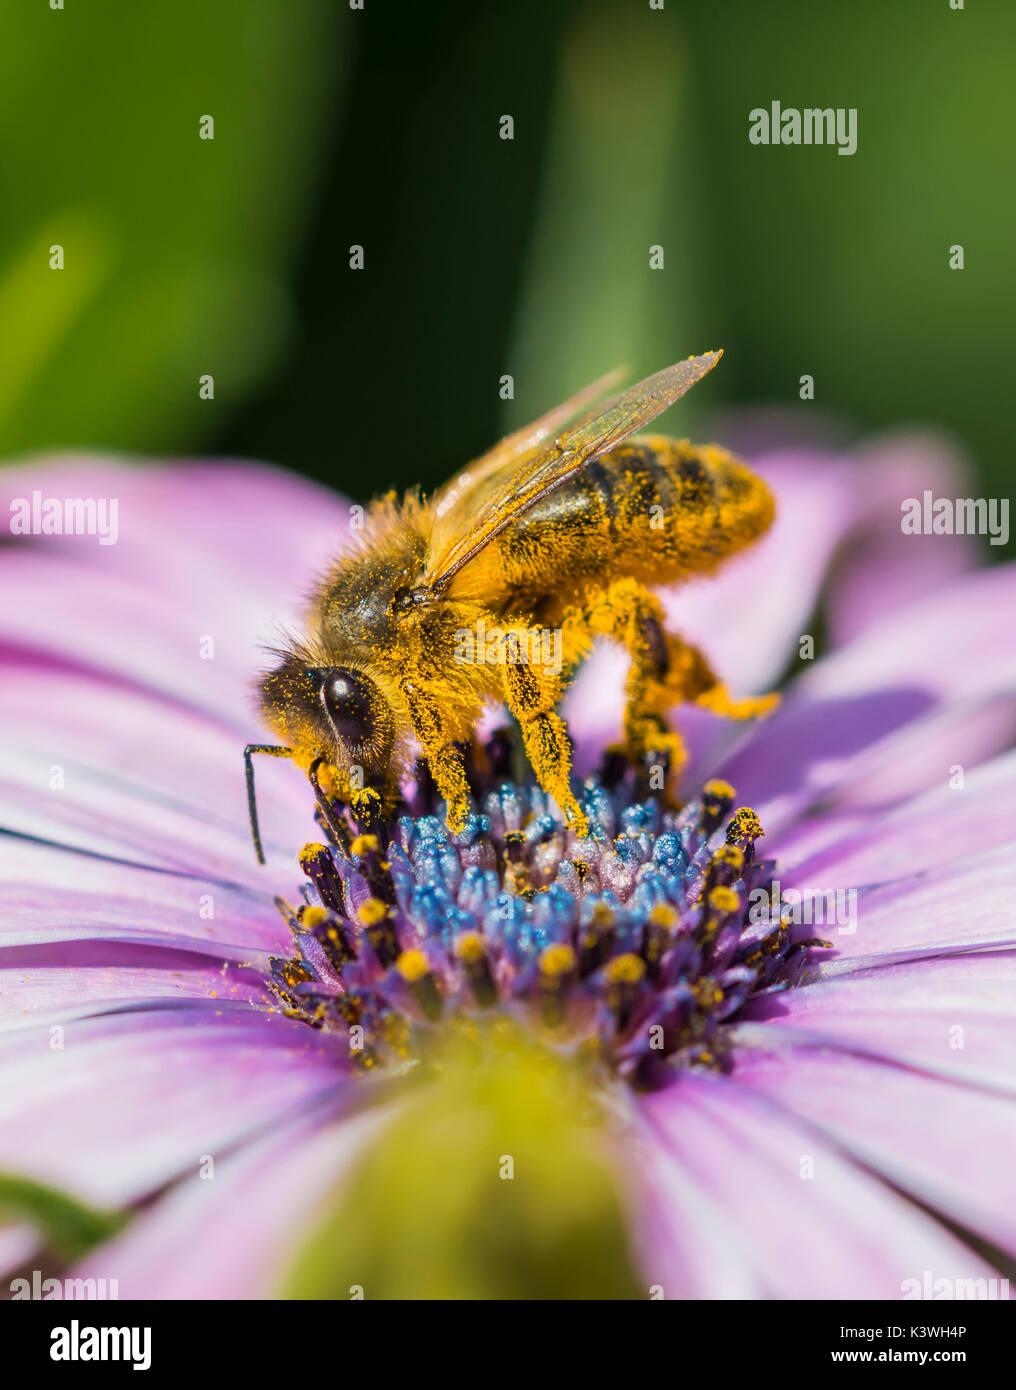 Apis mellifera (Europäische Honigbiene) auf einem Osteospermum ecklonis (African Daisy) Sammeln von Nektar/Bestäubung in West Sussex, UK. Biene bestäubt, Stockbild